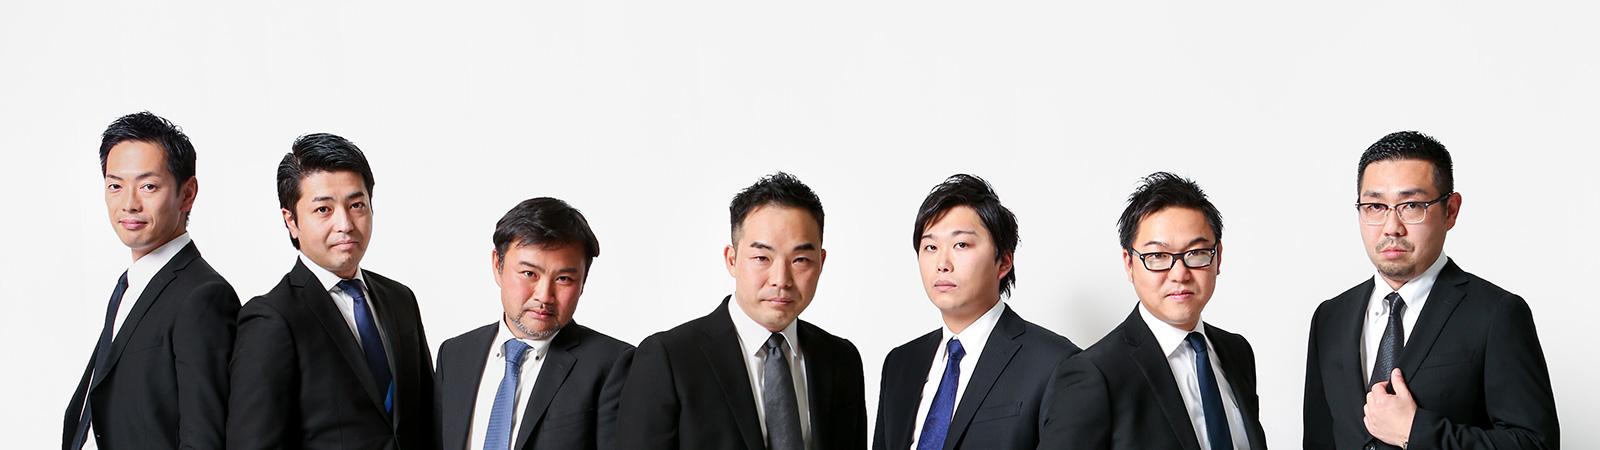 (公社)日本青年会議所2019 JCIJAPAN 少年少女国連大使の募集について